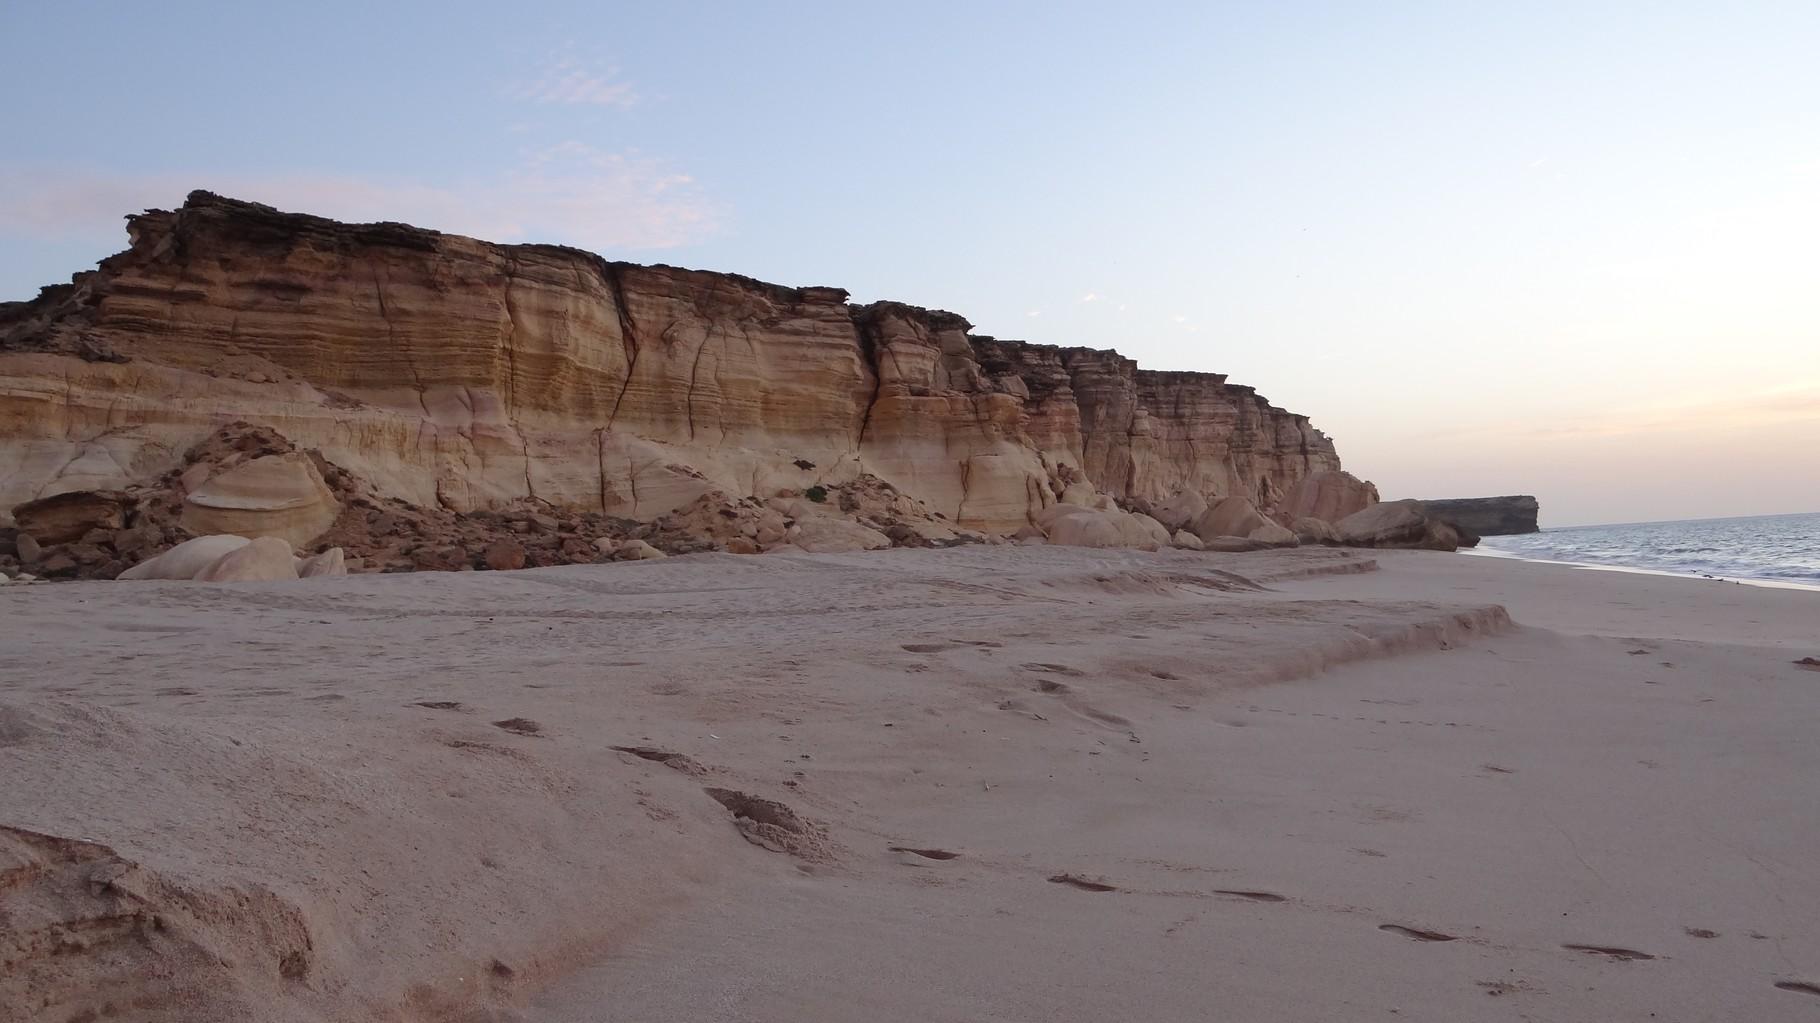 Am Strand bei Sonnenaufgang in Ras-al Jinz